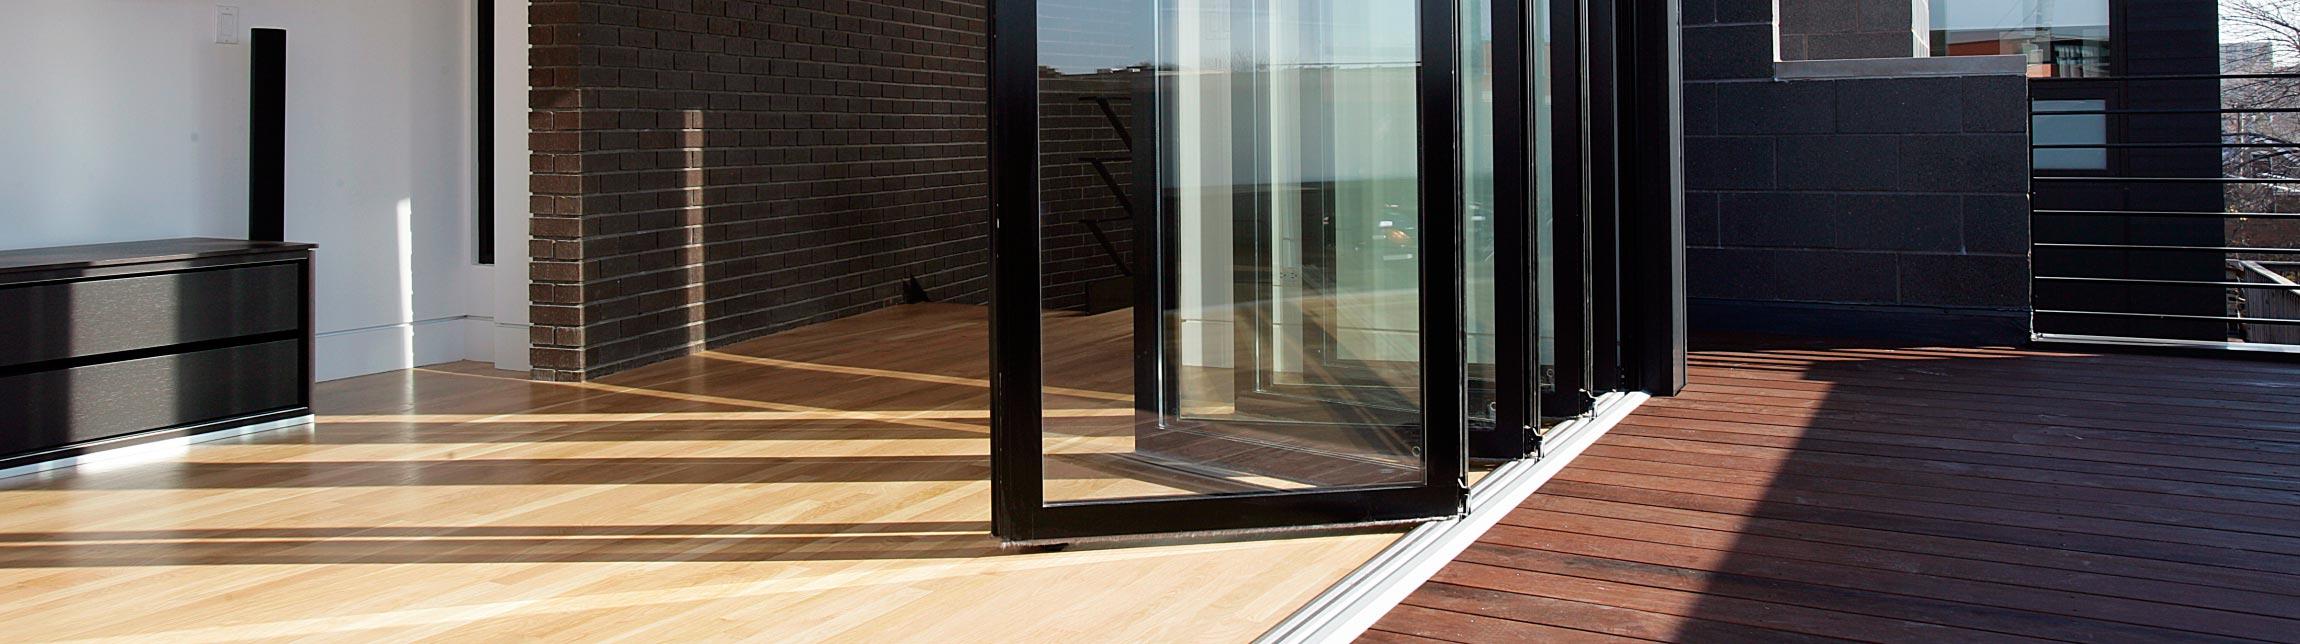 Porte armoniche finestre pvc medias aterm - Finestre in pvc romania ...